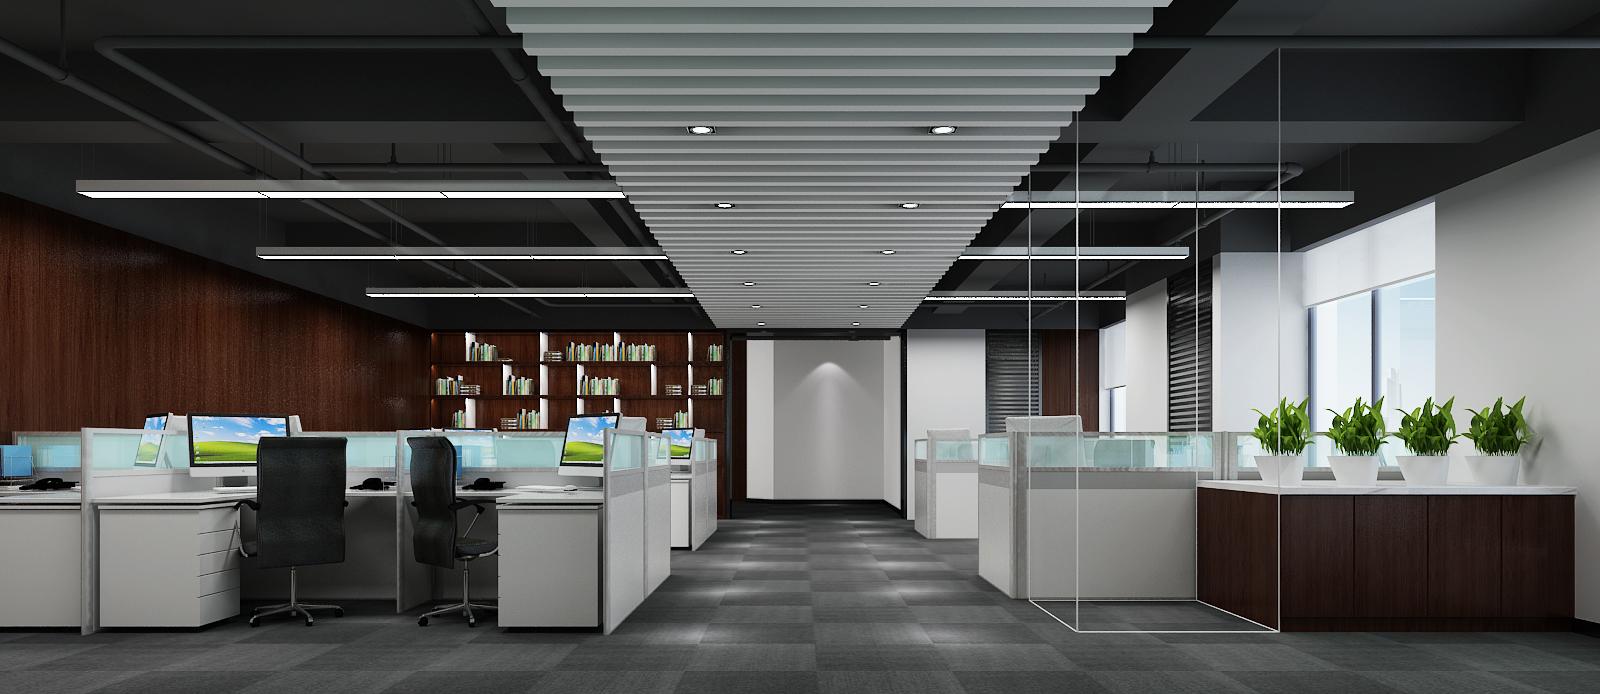 供应办公室设计与施工—荆州万达办公室,办公空间设计与施工找武汉赫伦美筑空间设计工程有限公司